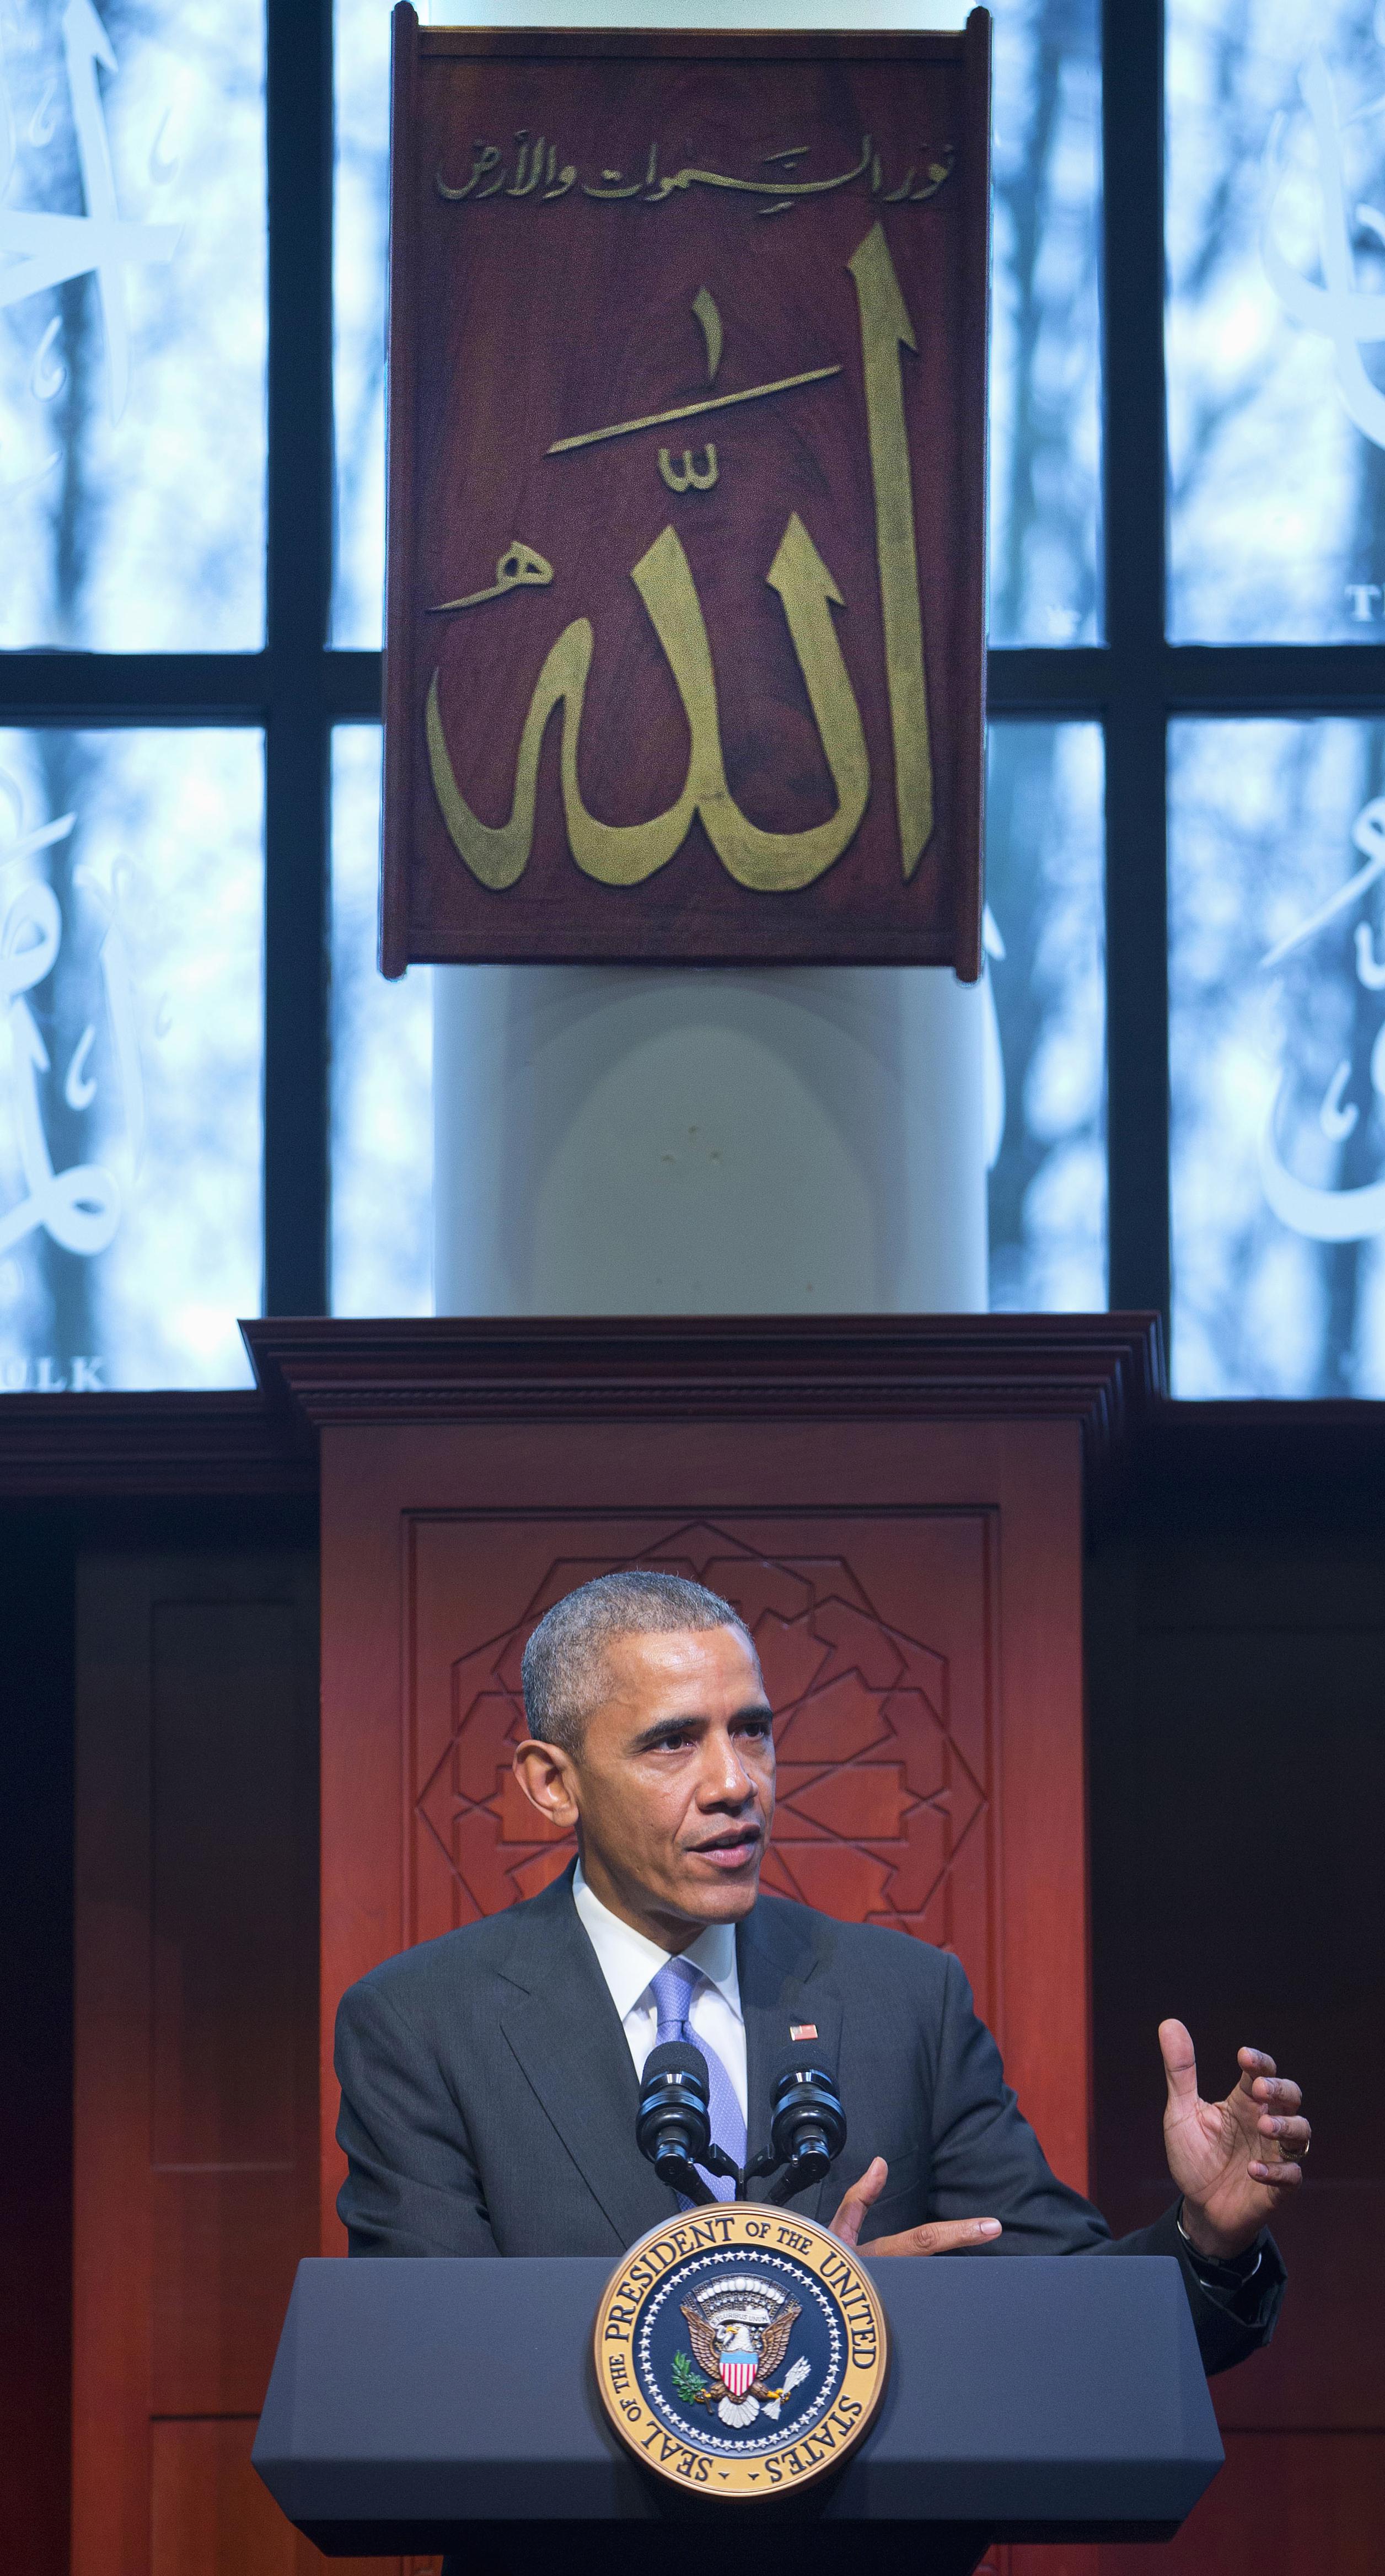 Le président Obama à un pupitre (© AP Images)